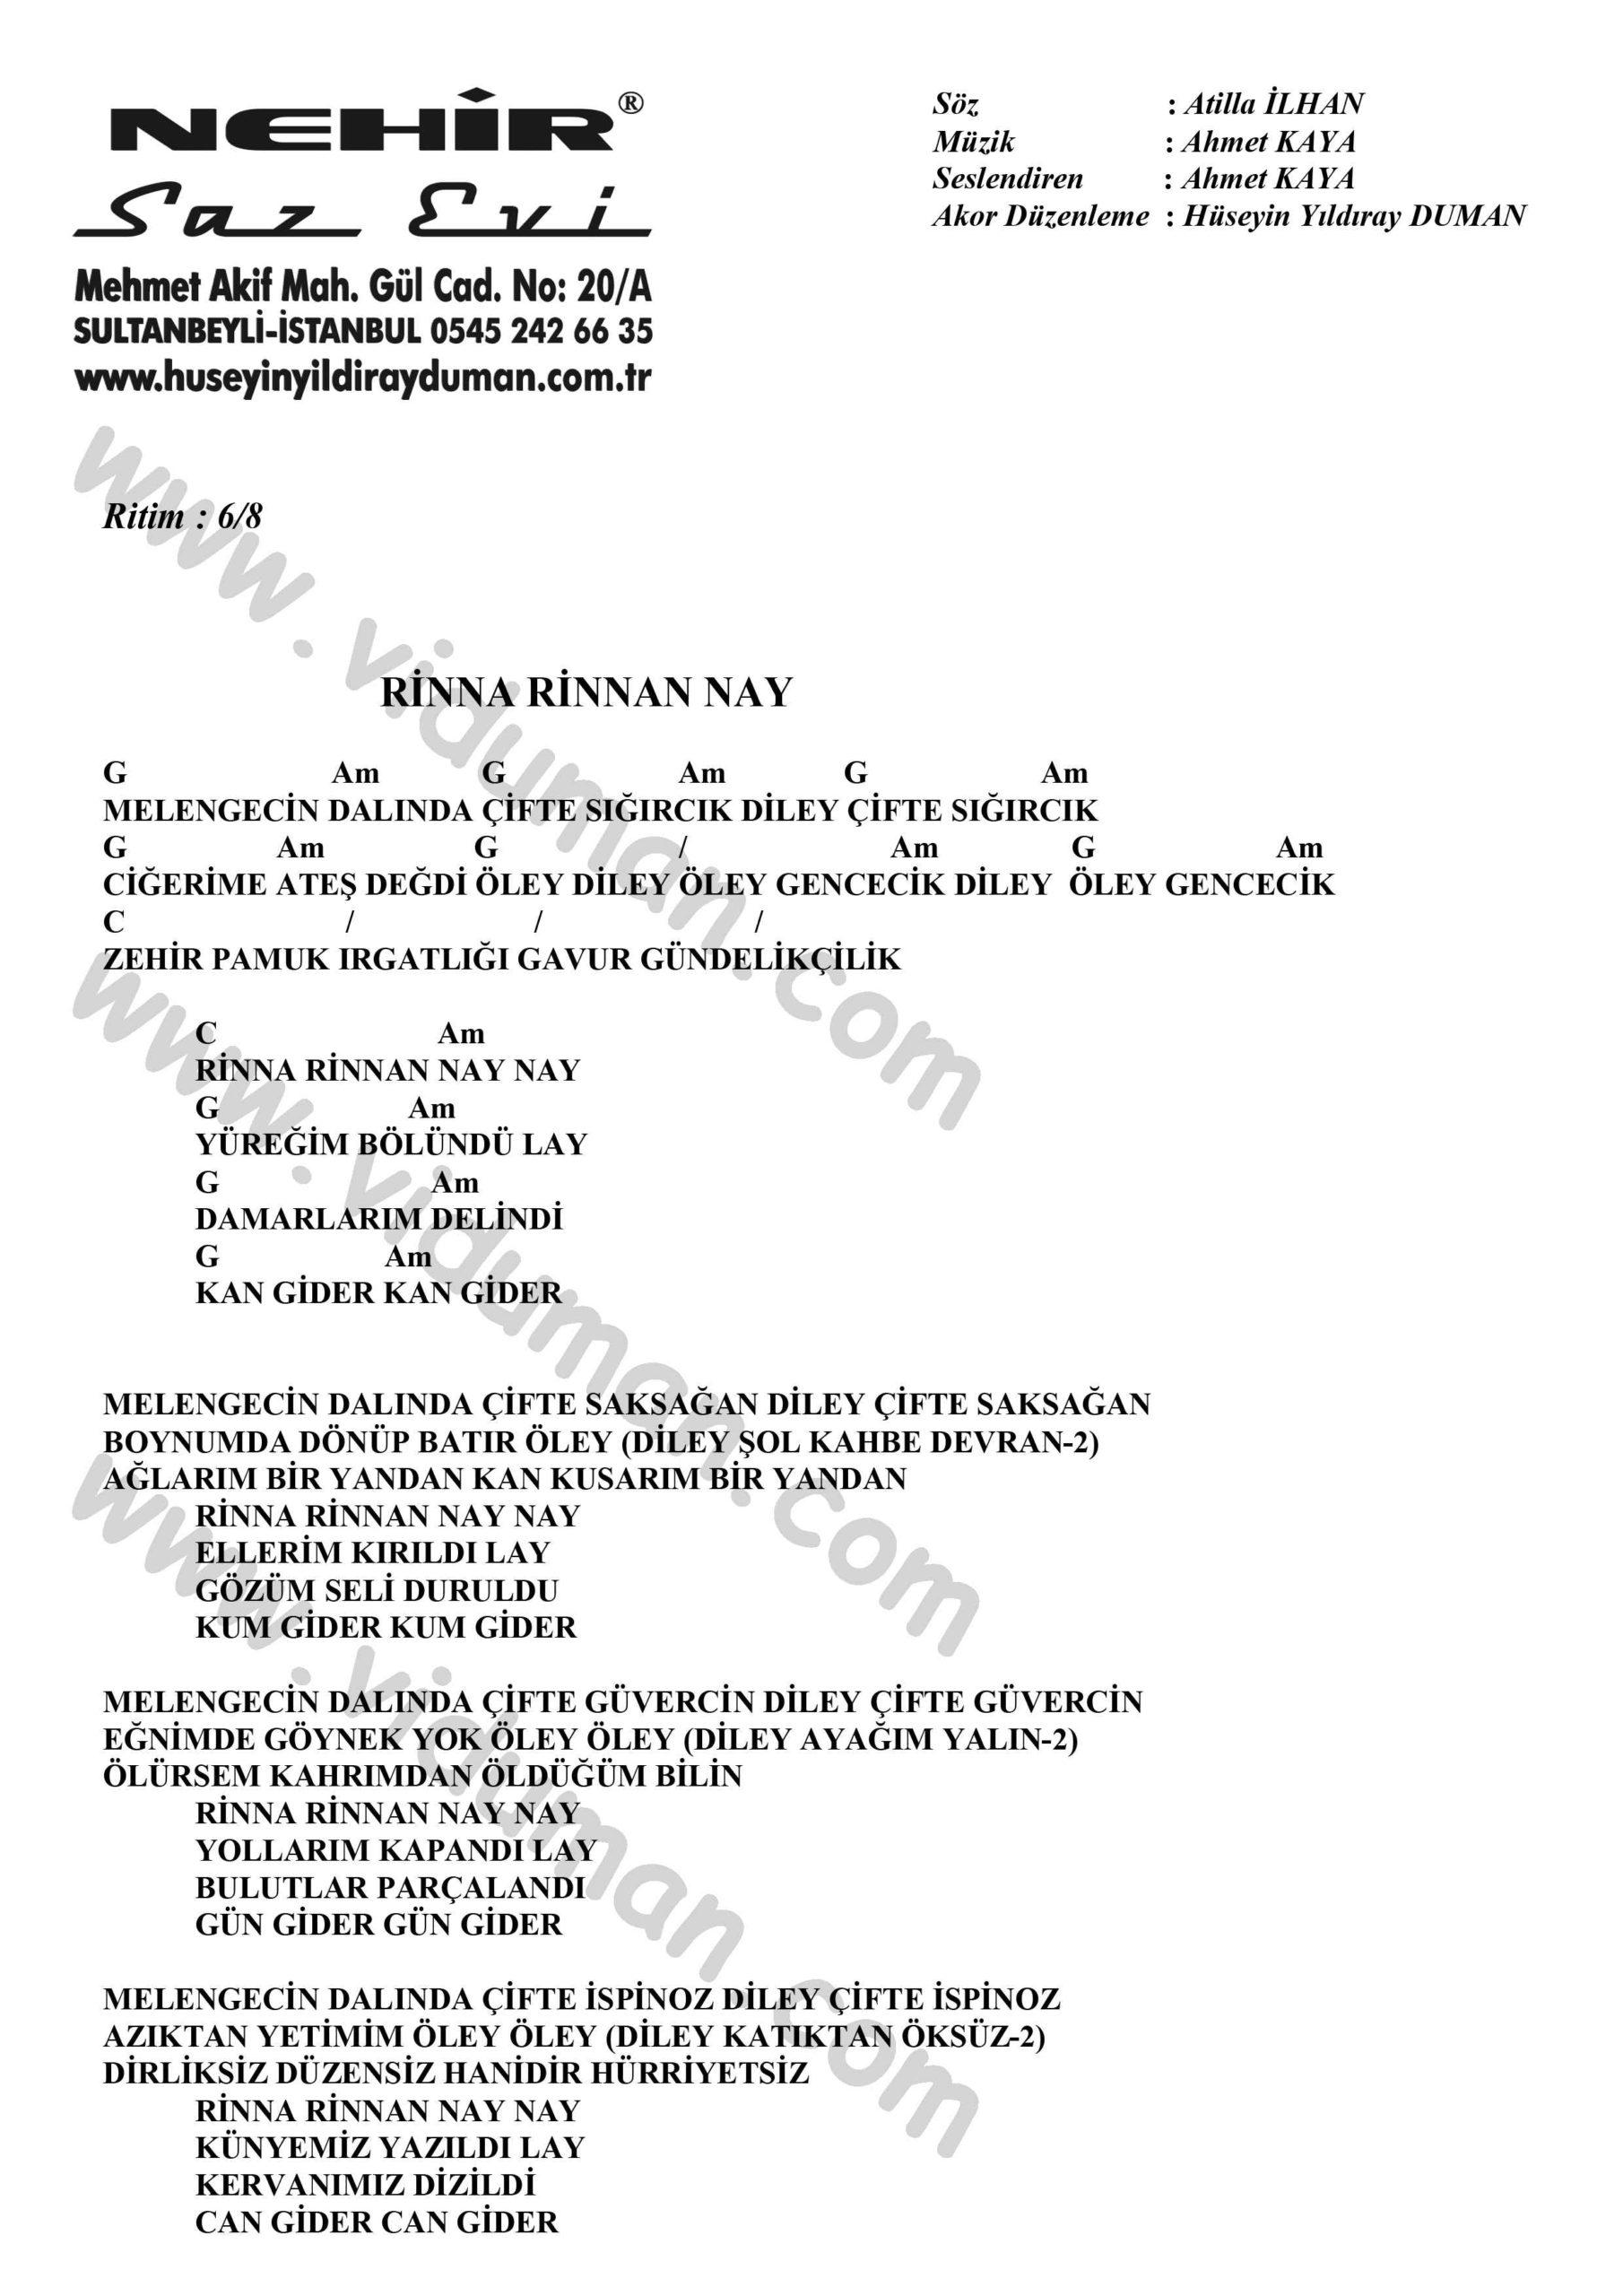 Rinna Rinnan Nay-Ahmet Kaya-Ritim-Gitar-Akorlari